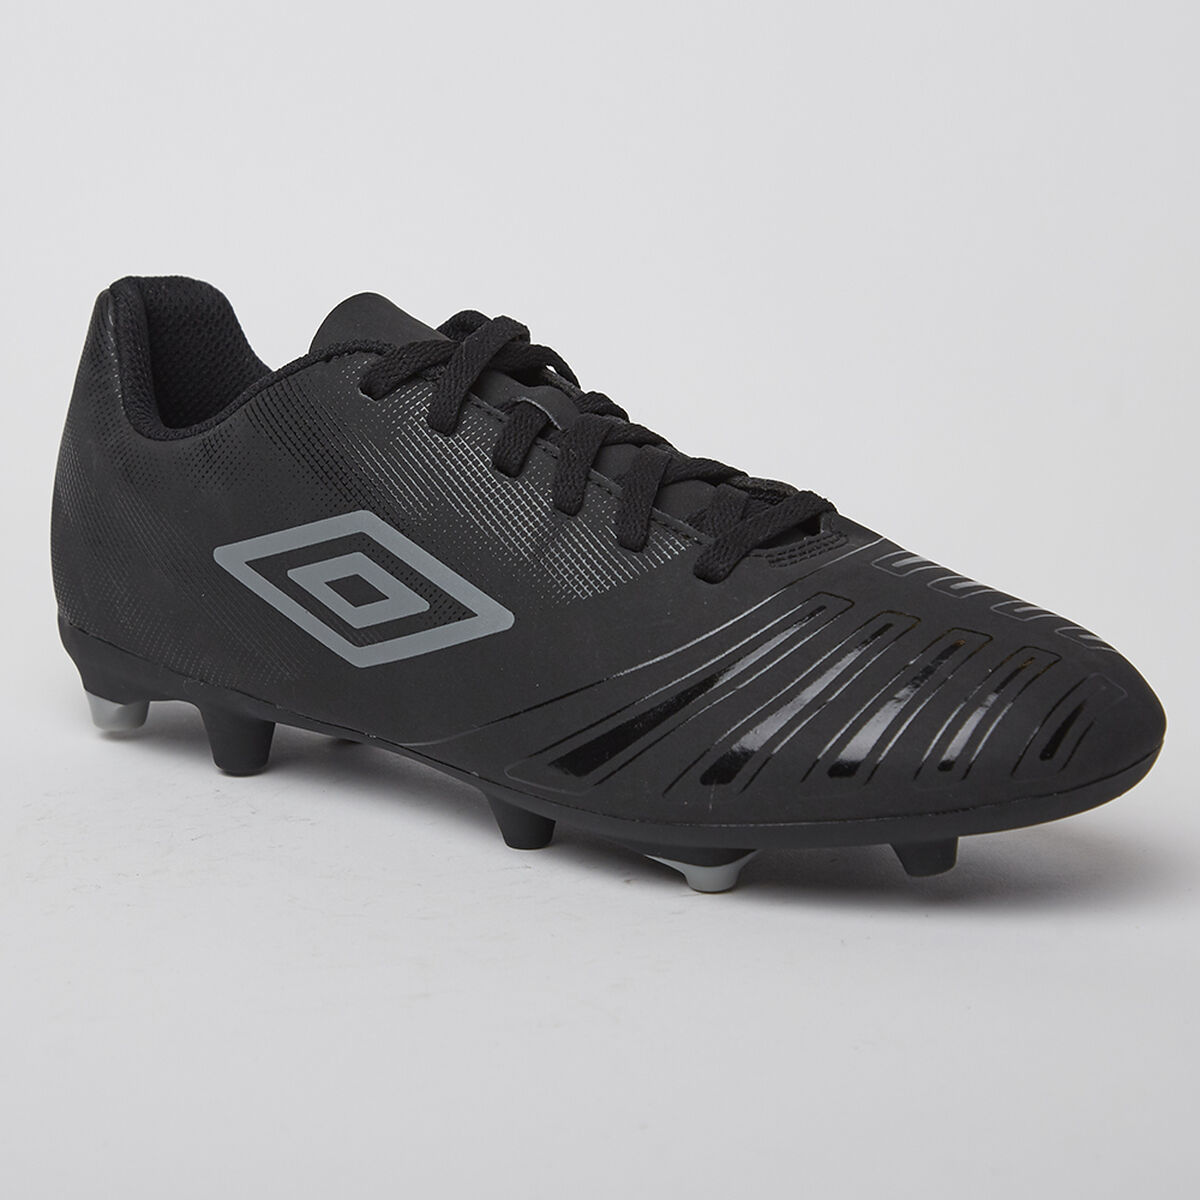 Zapato de Fútbol Hombre Umbro Accuro III League FG